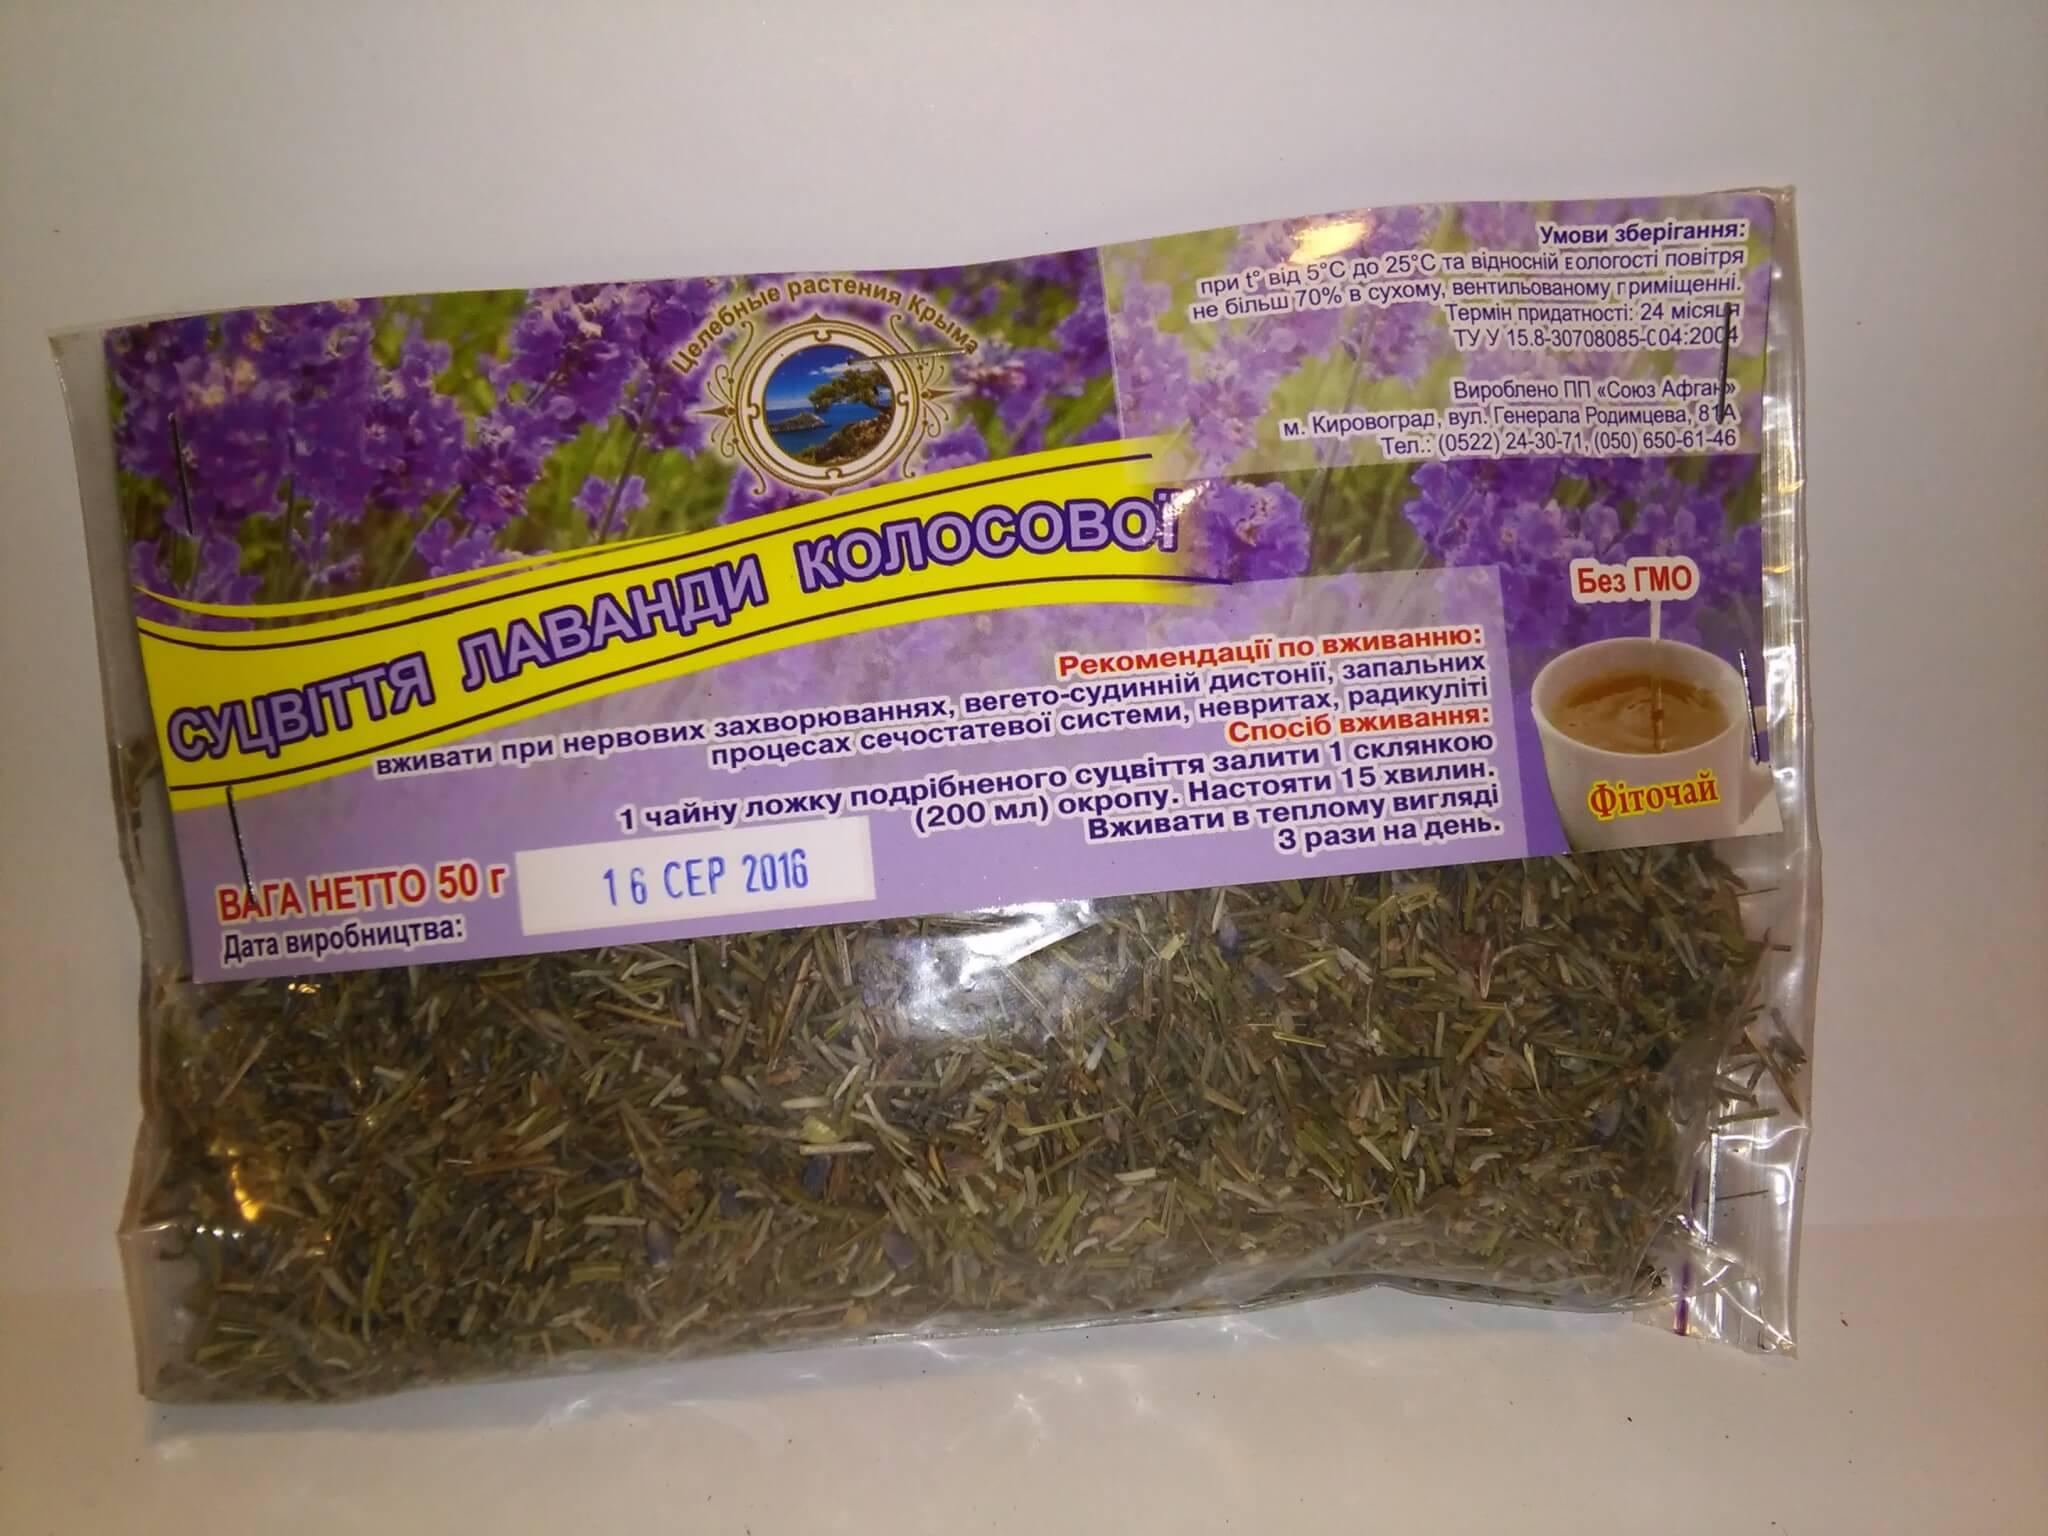 Трава цвет Лаванды для профилактики и фитотерапии неврозов, стрессов, невростении, восплании уха, спазмов желудка, устранении моли